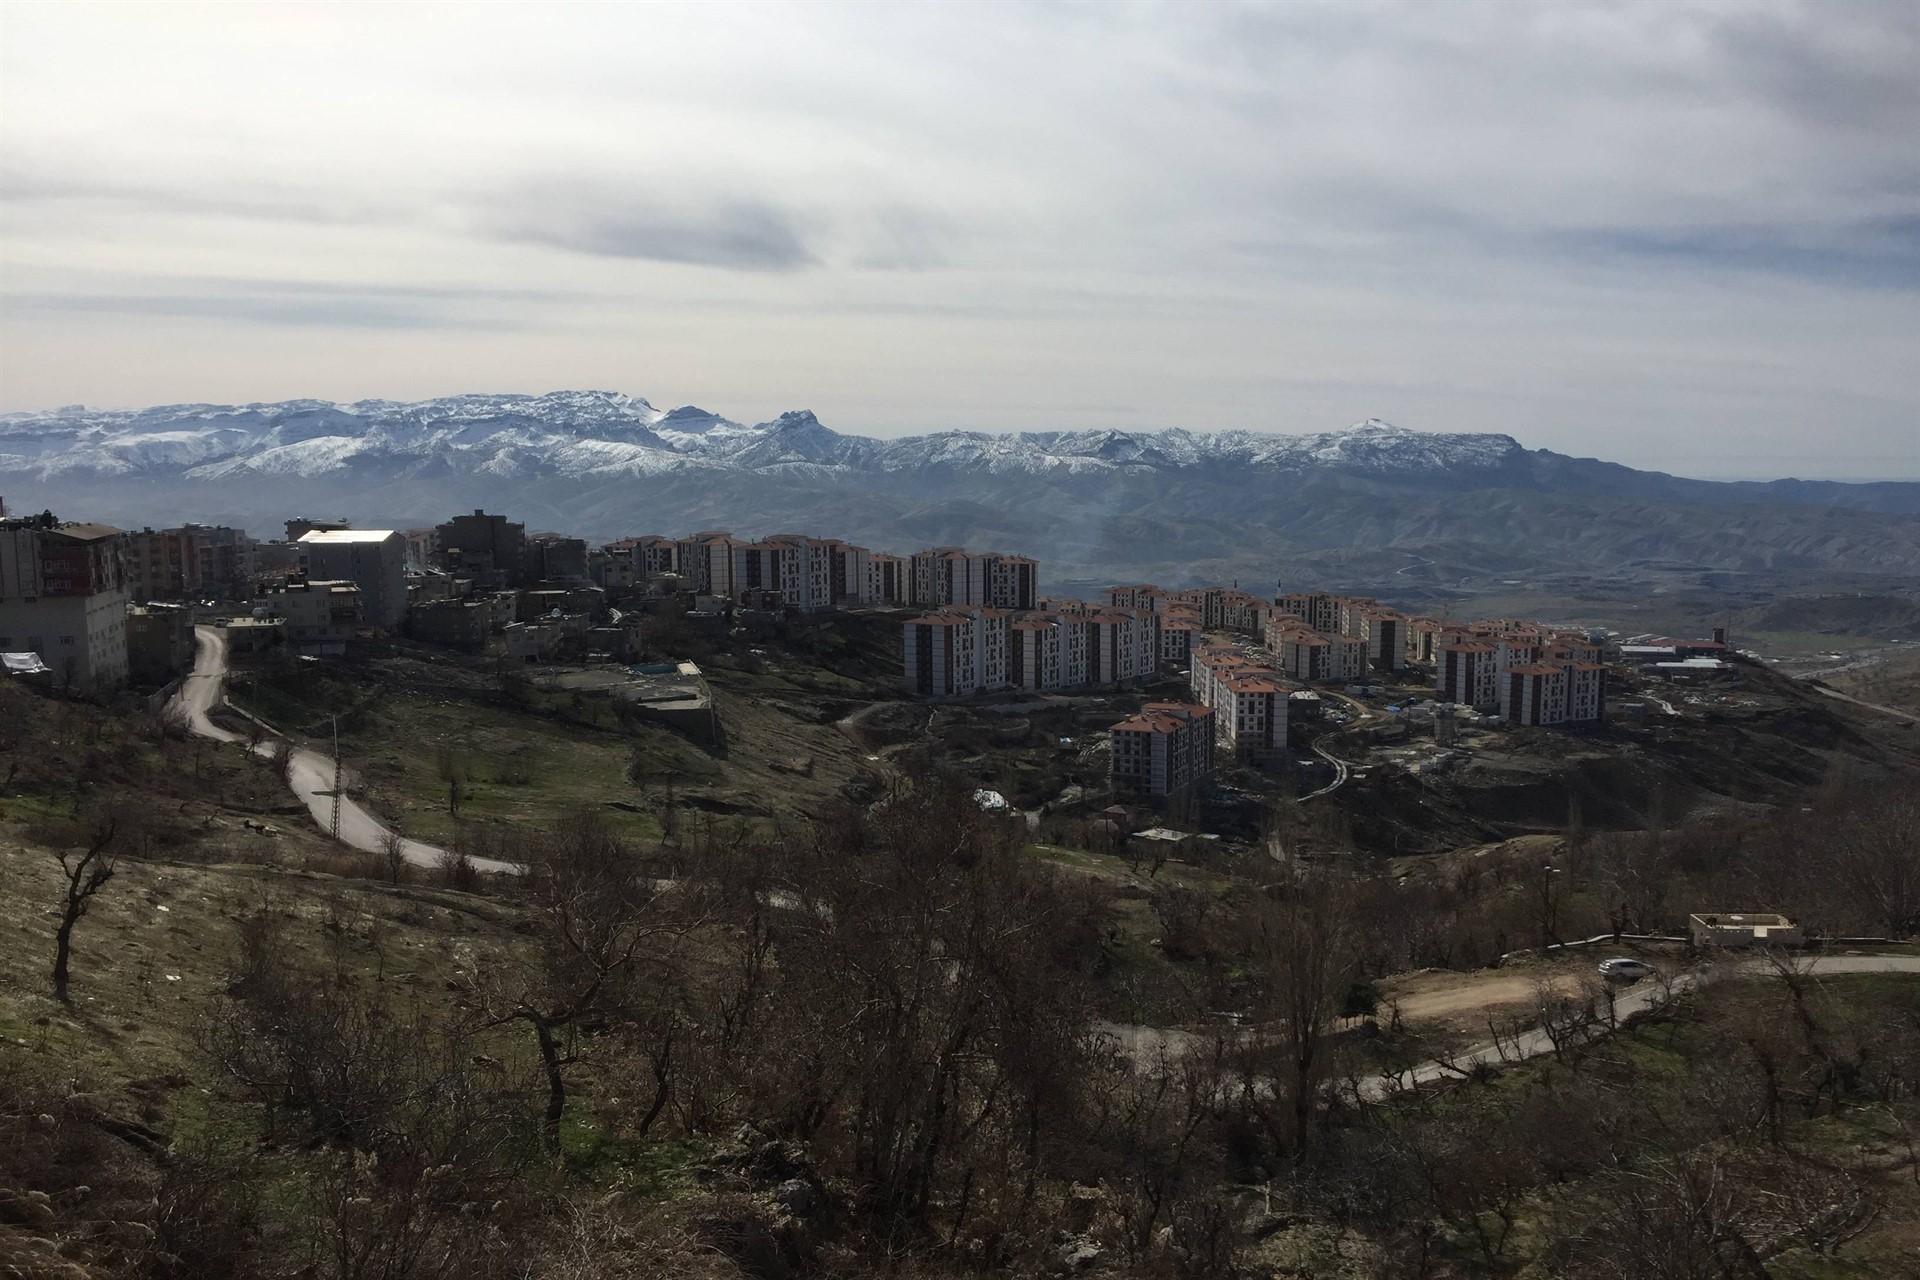 Şırnak'ta yine 15 günlük eylem yasağı kararı alındı